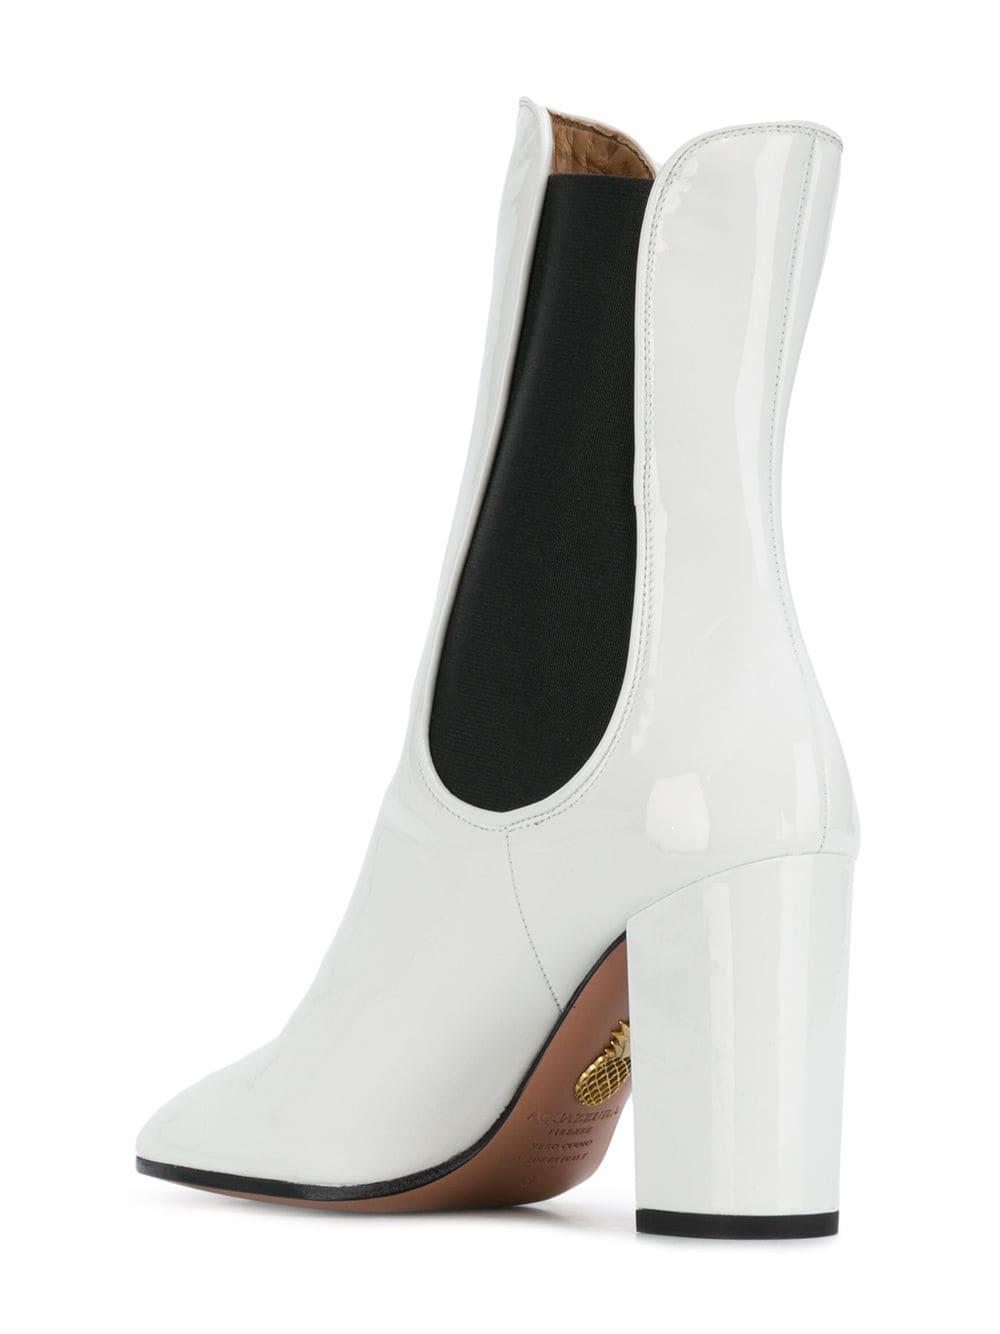 b7e54ff188d Aquazzura - White Mid-calf Block Heel Boots - Lyst. View fullscreen